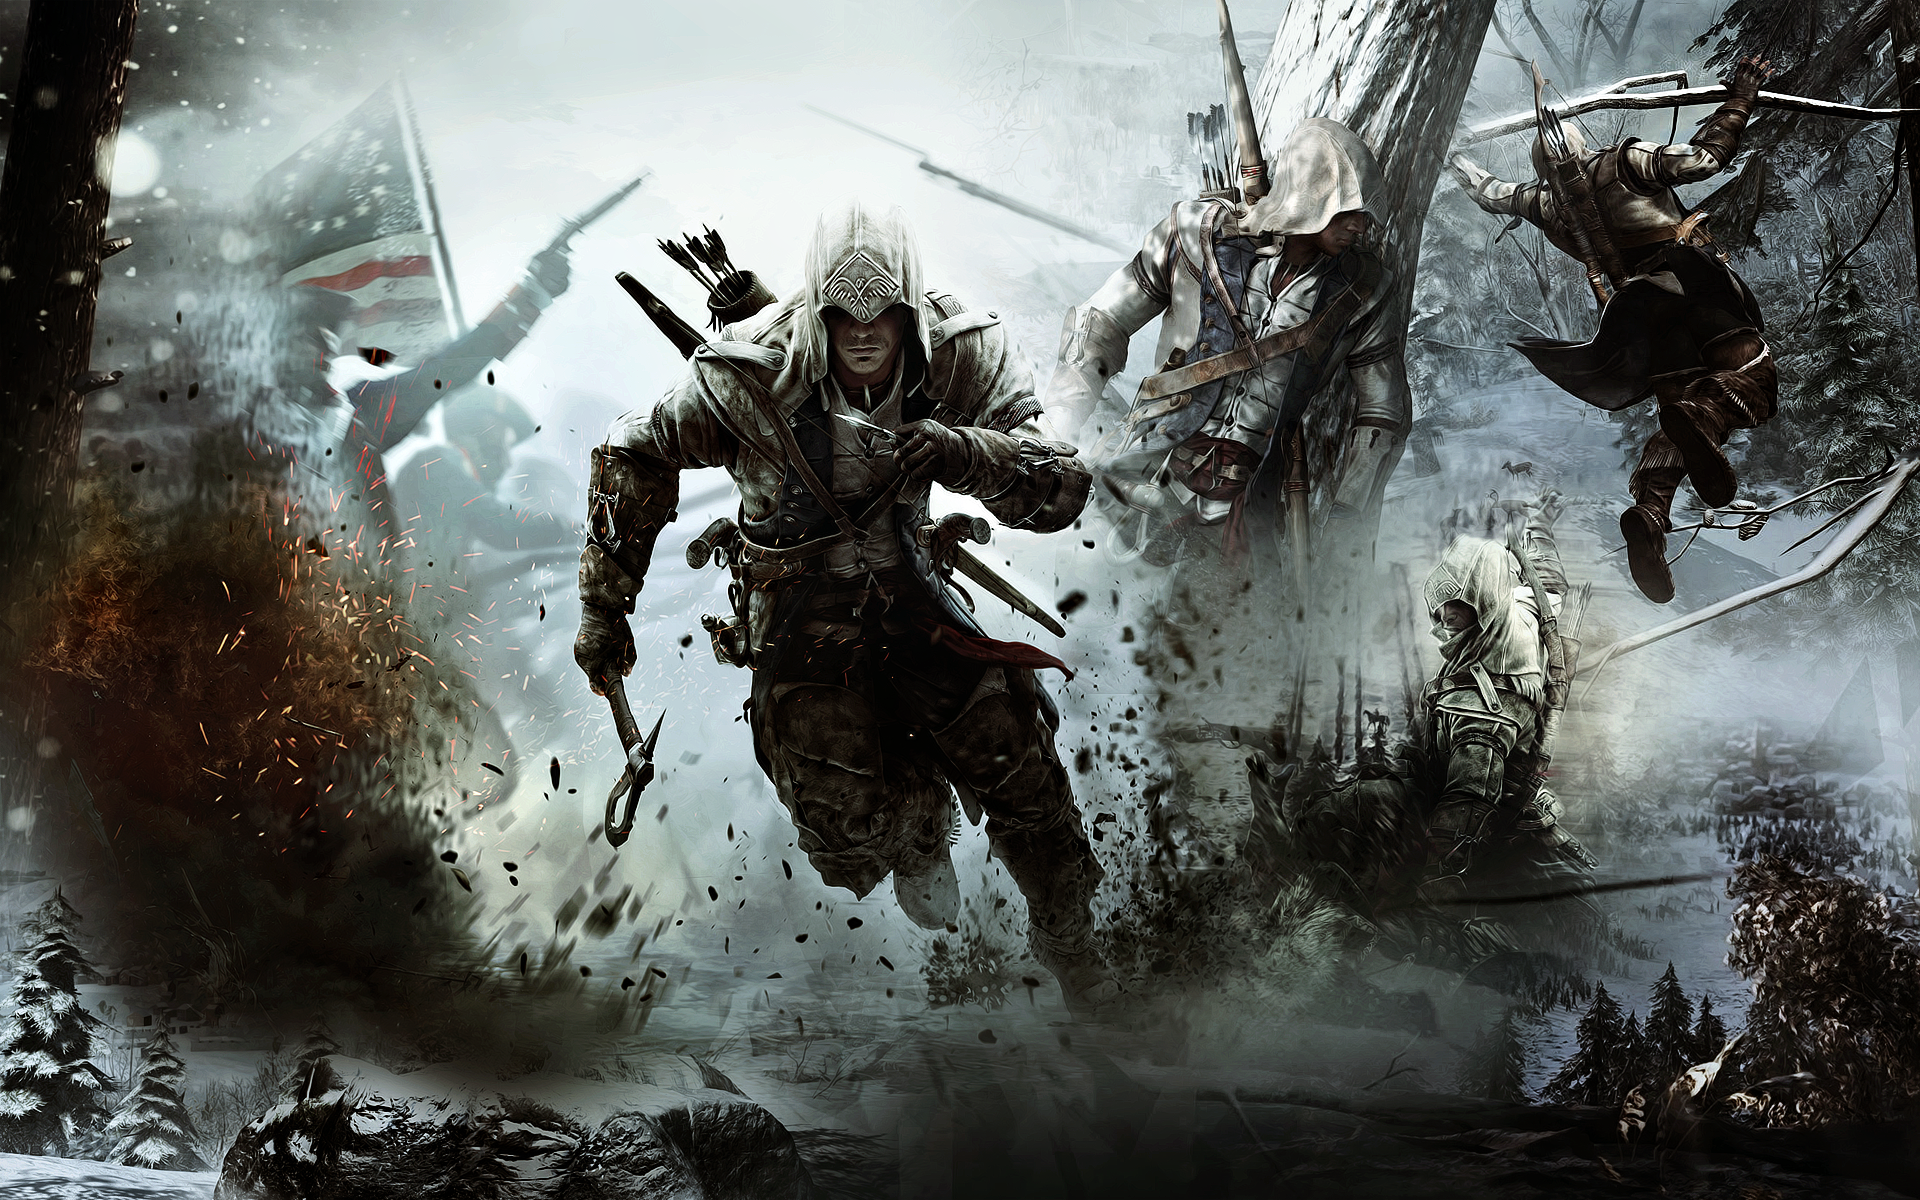 Description Assassins Creed III Wallpaper is a hi res Wallpaper 1920x1200